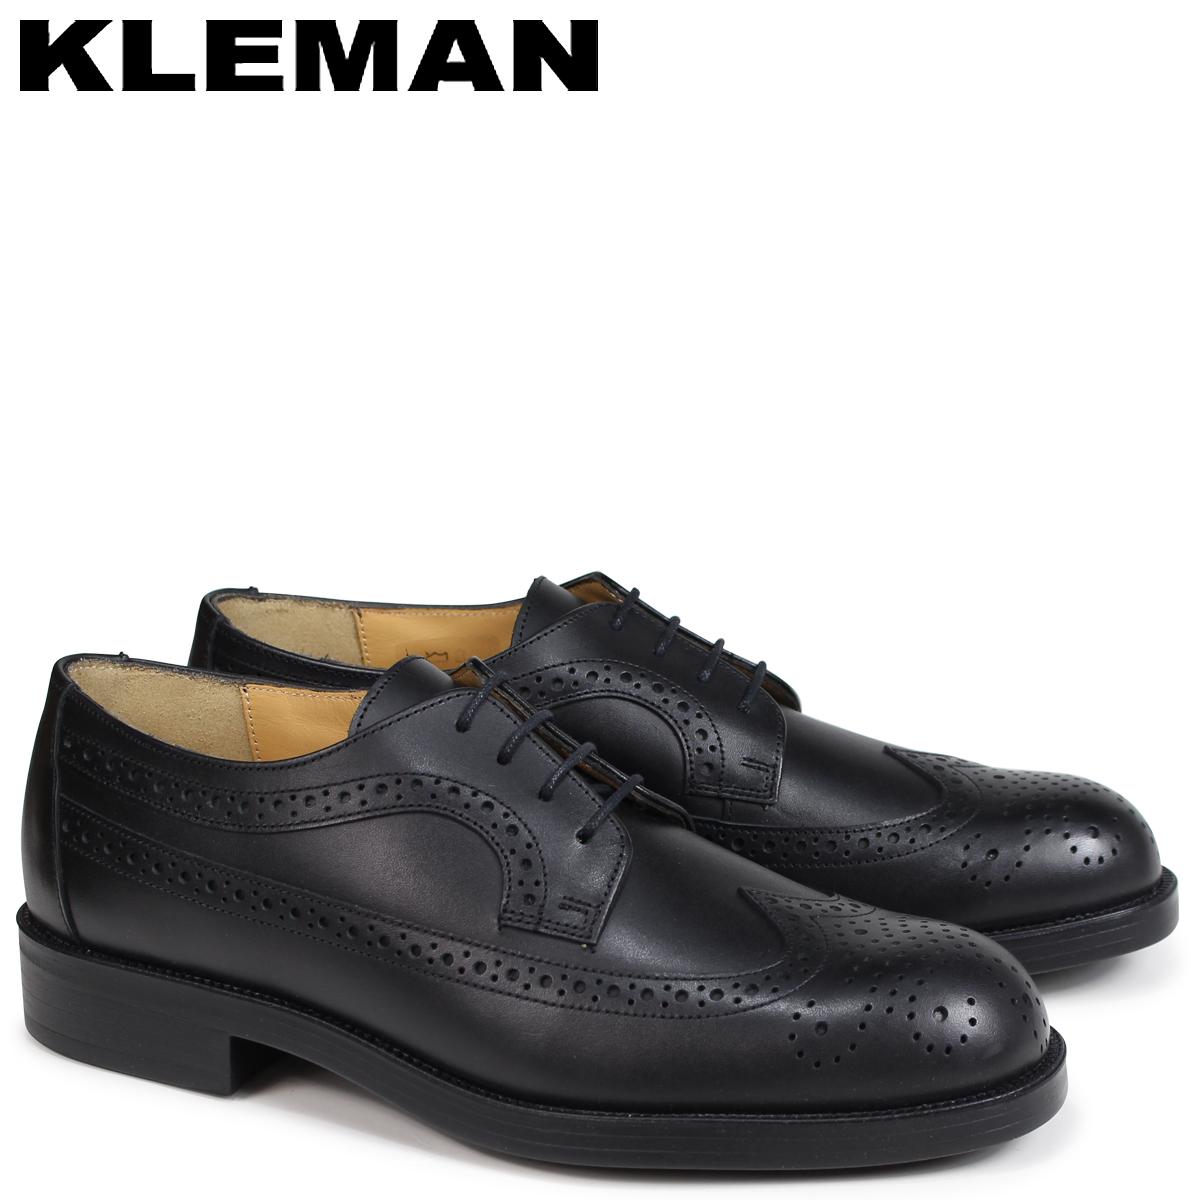 KLEMAN クレマン SUFOLO 靴 ウイングチップ シューズ WING TIP SHOES ブラック VA75102 [9/25 新入荷]